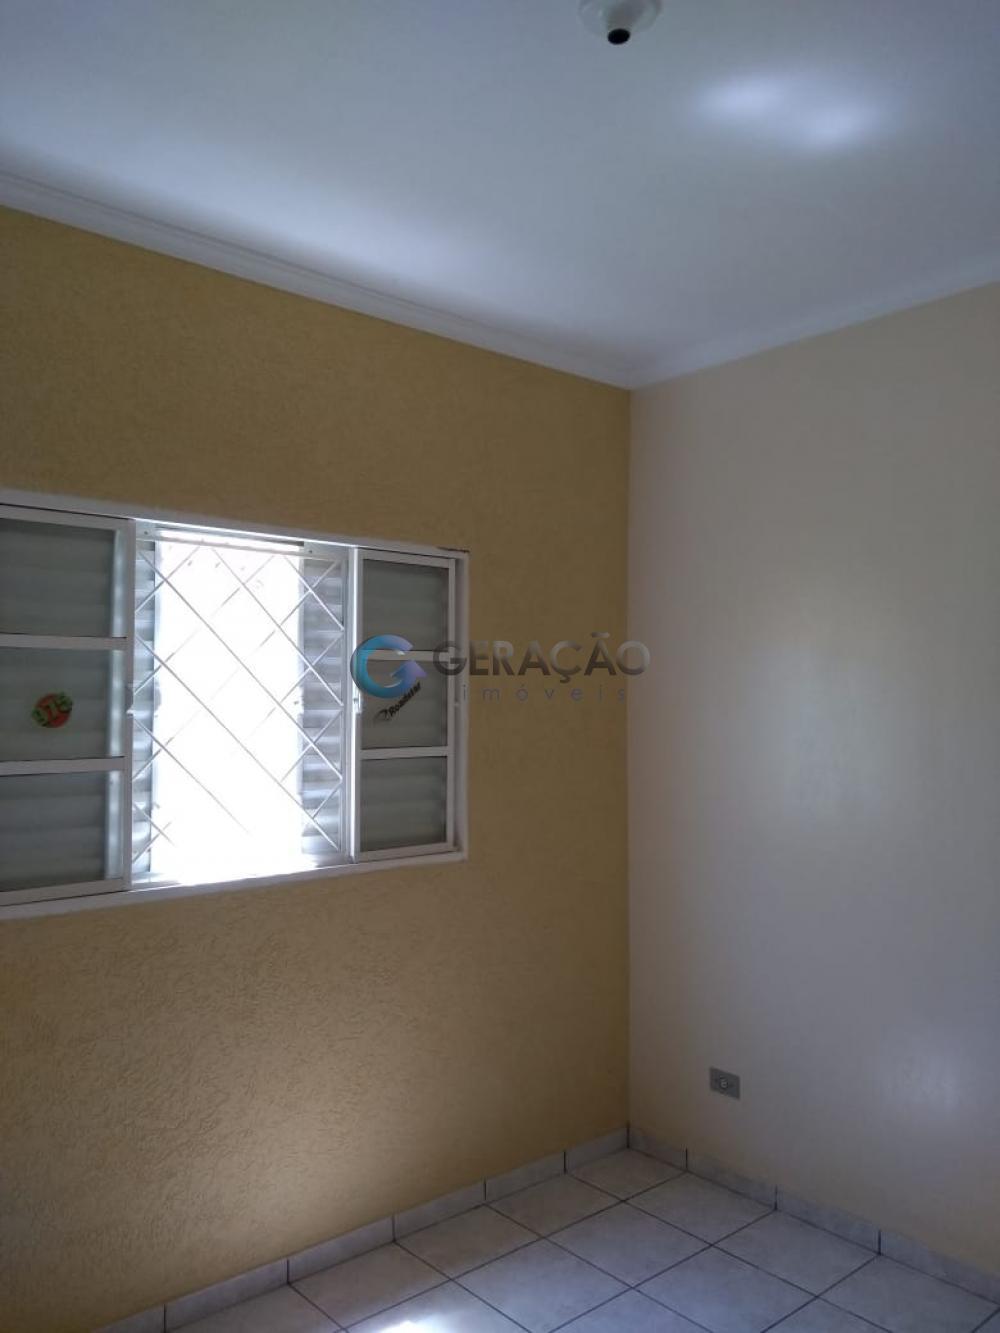 Comprar Casa / Padrão em São José dos Campos apenas R$ 215.000,00 - Foto 12